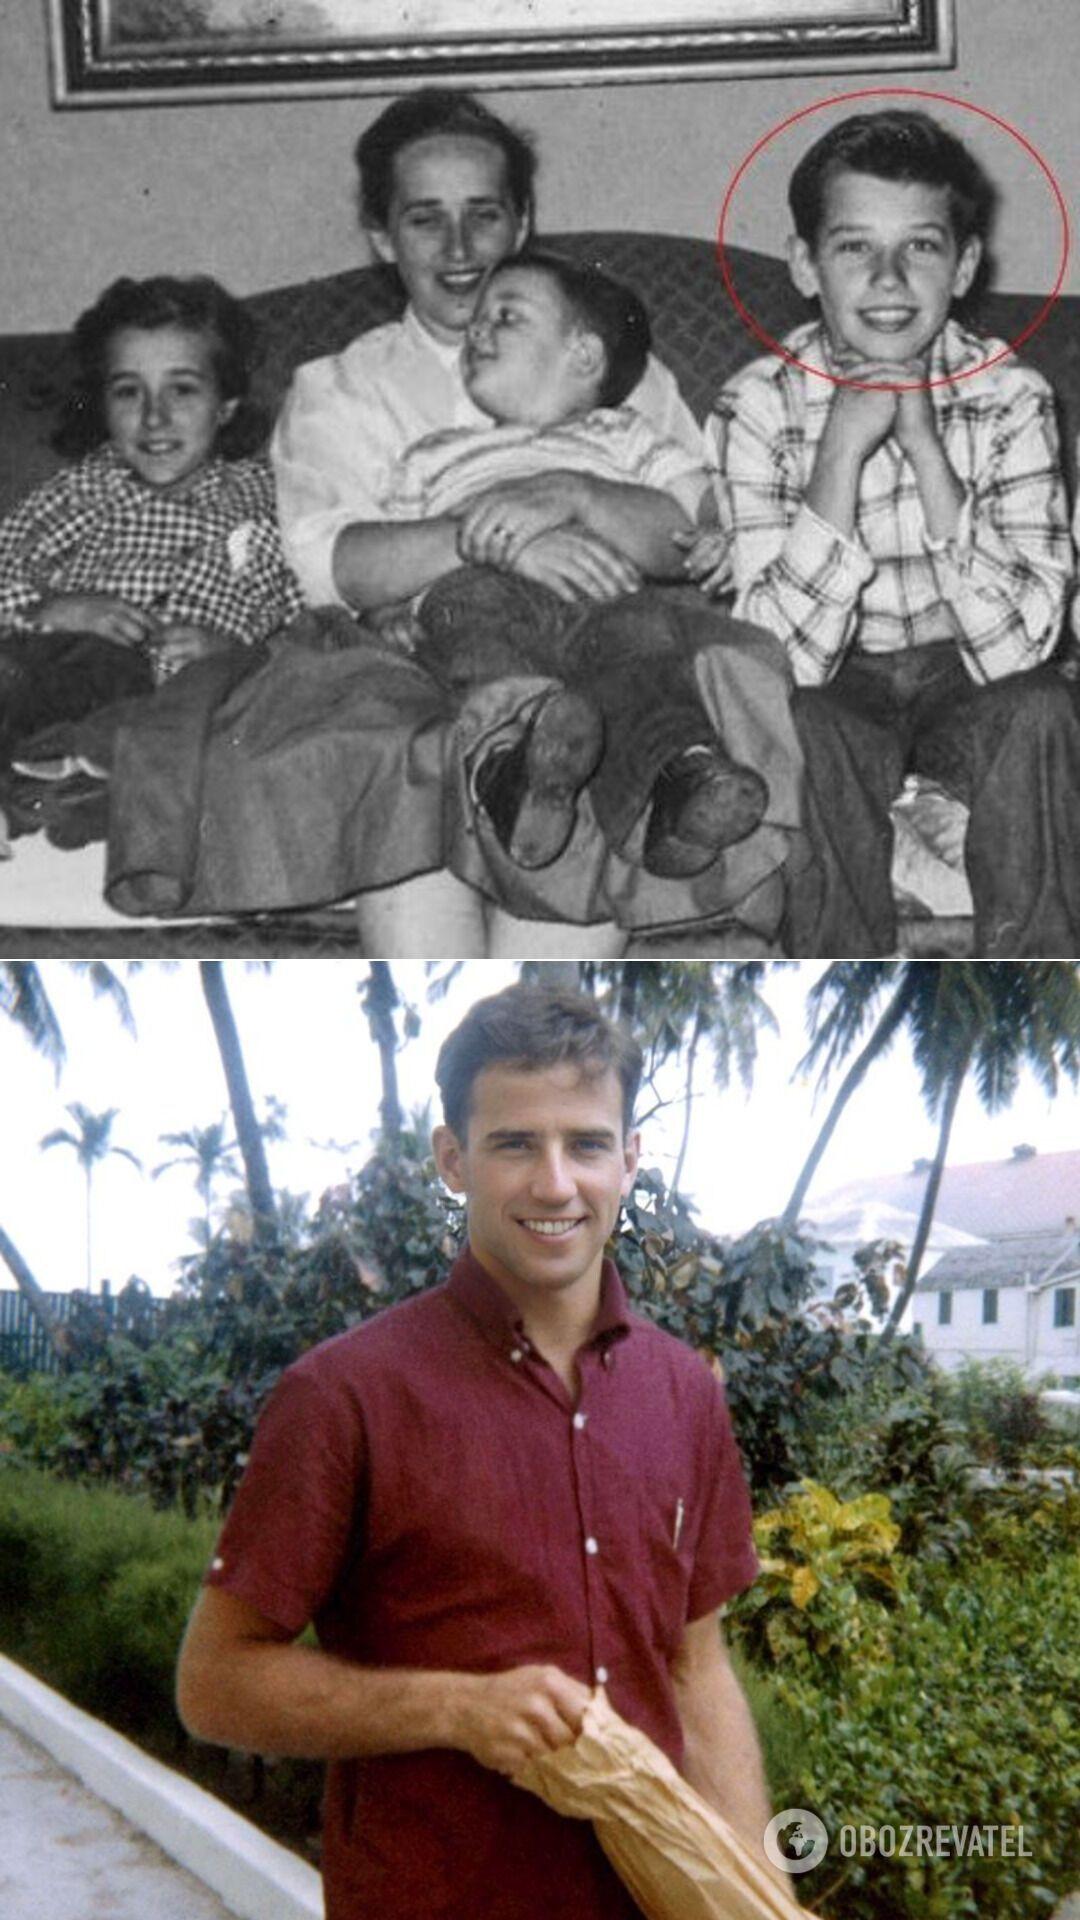 Джо Байден с мамой, братом и сестрой; 25-летний Байден ( фото 1967 года)